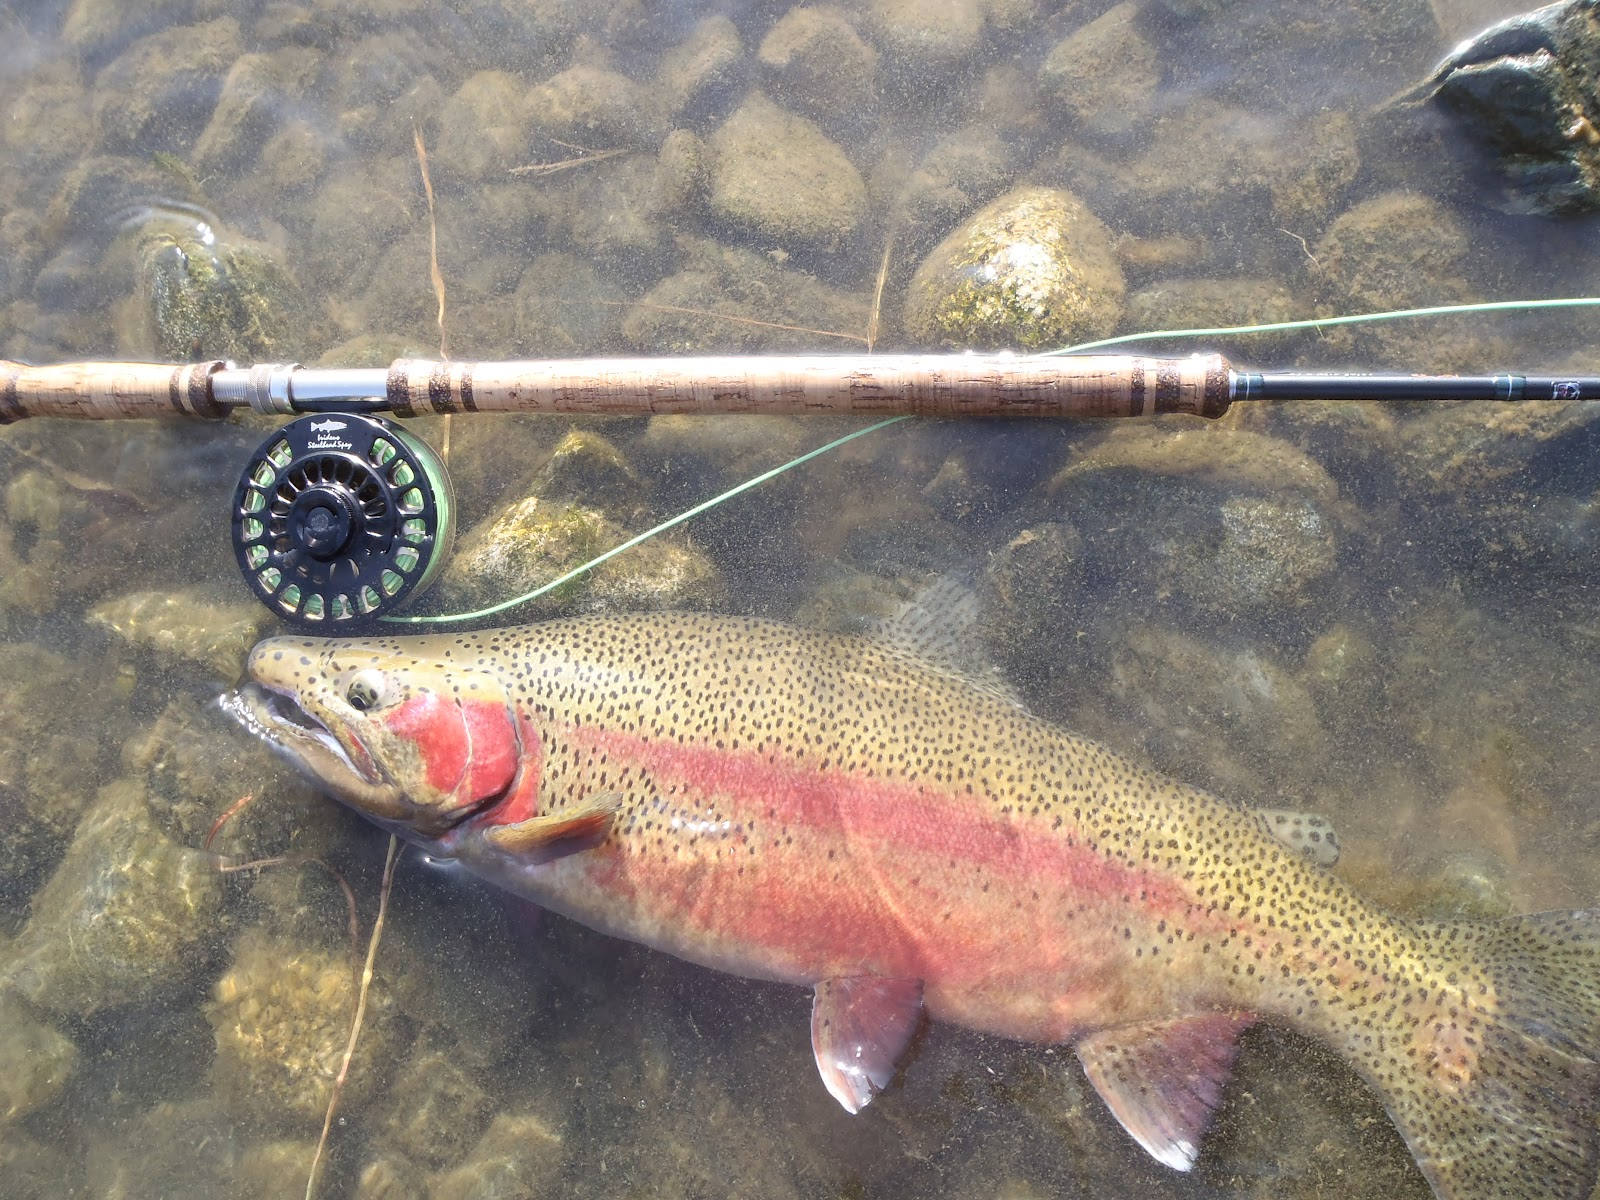 Irideus fly fishing products steelhead flies for 2012 for Steelhead fly fishing